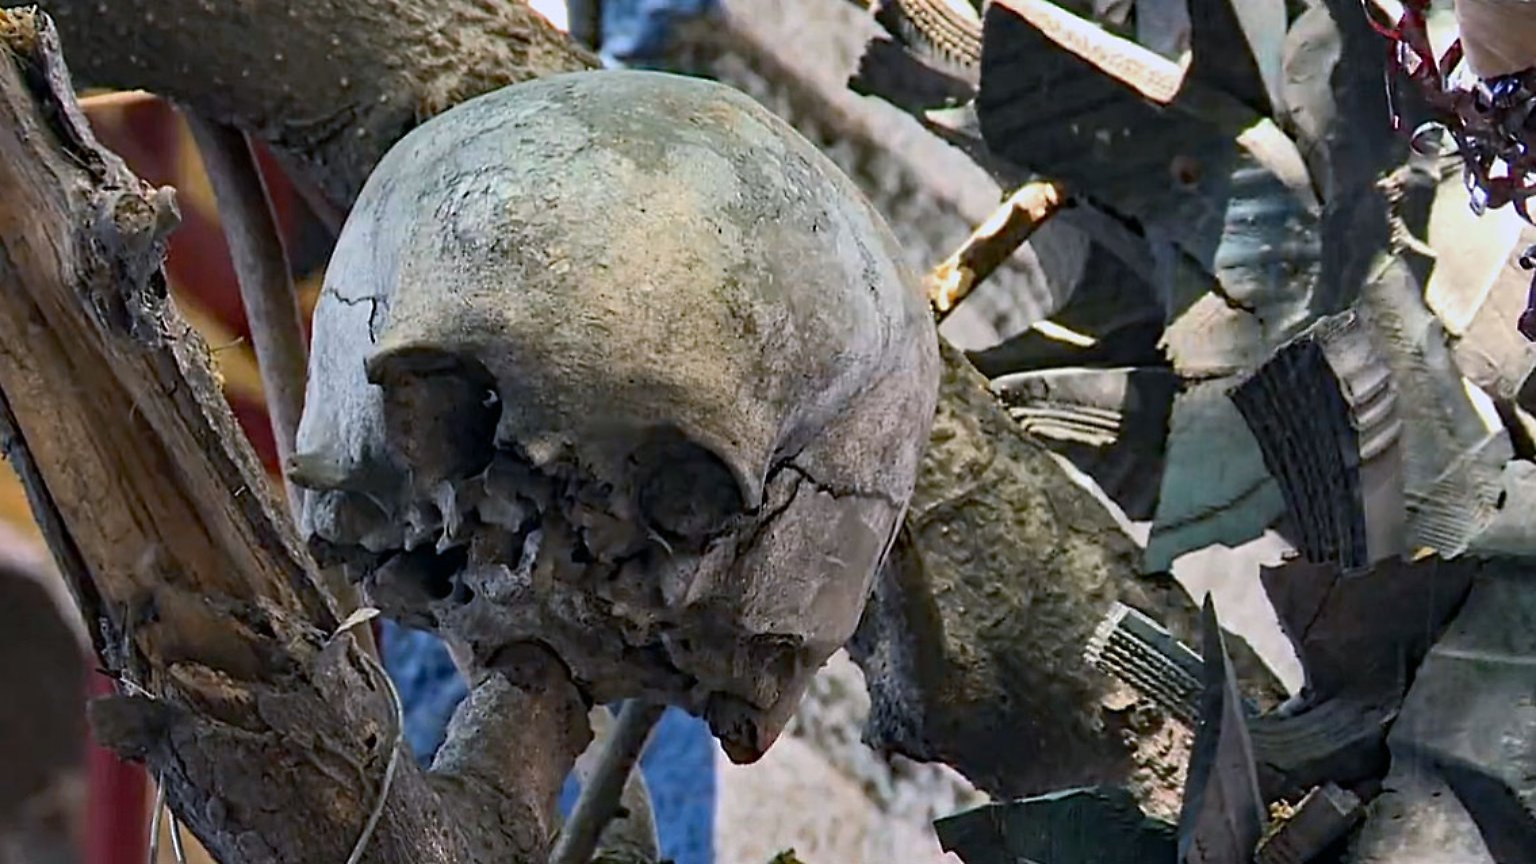 Kunst mit Menschenknochen: In Haiti gehört Voodoo zum Alltag - n-tv.de